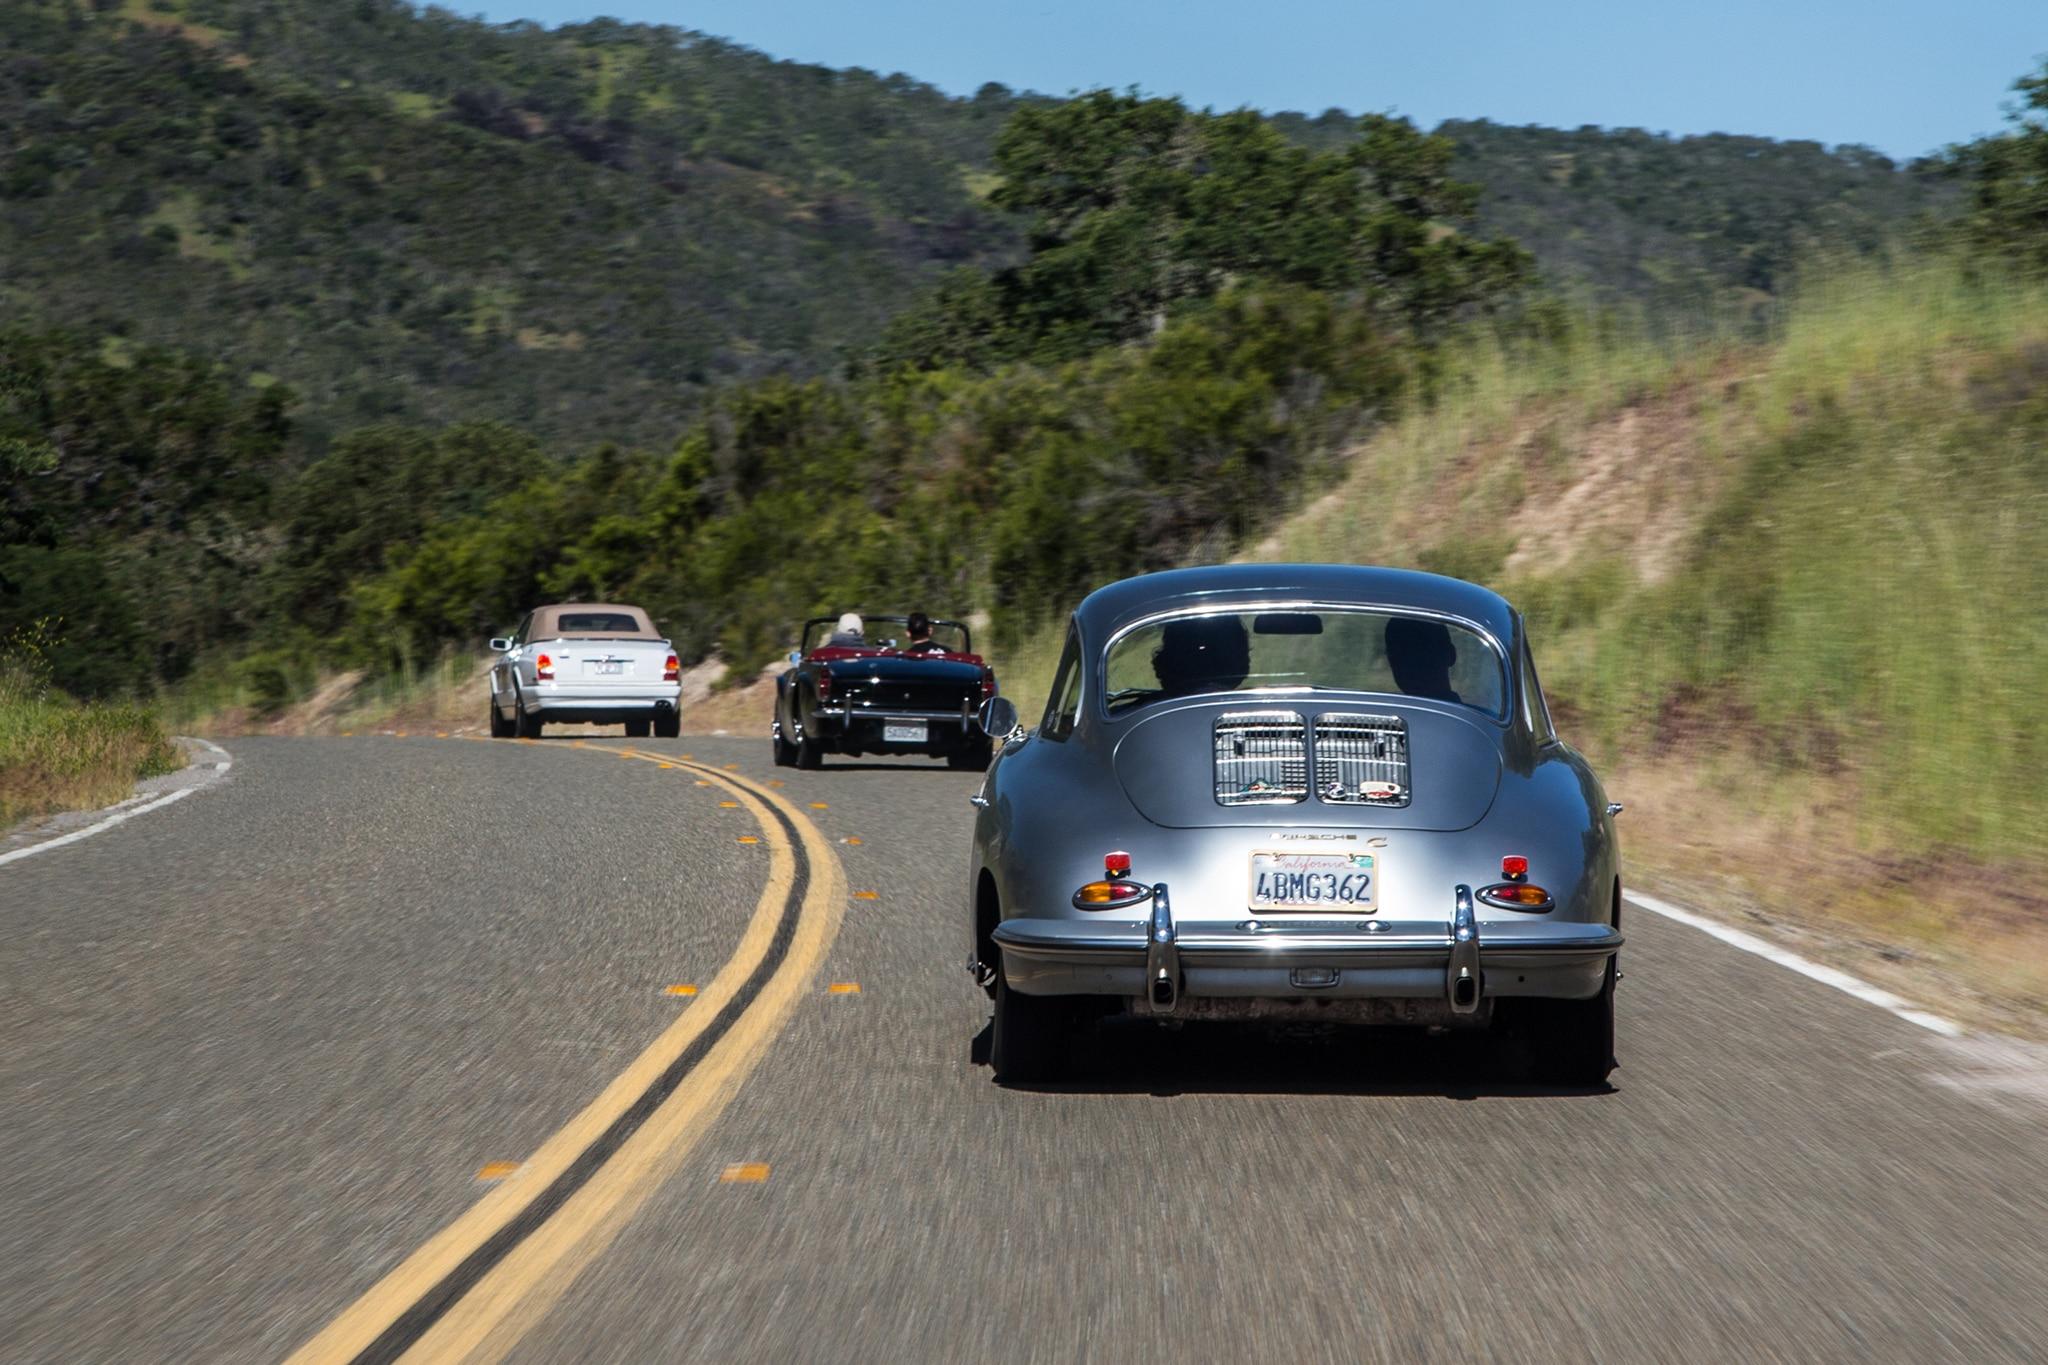 1964 Porsche 356 C Rear View In Motion 05